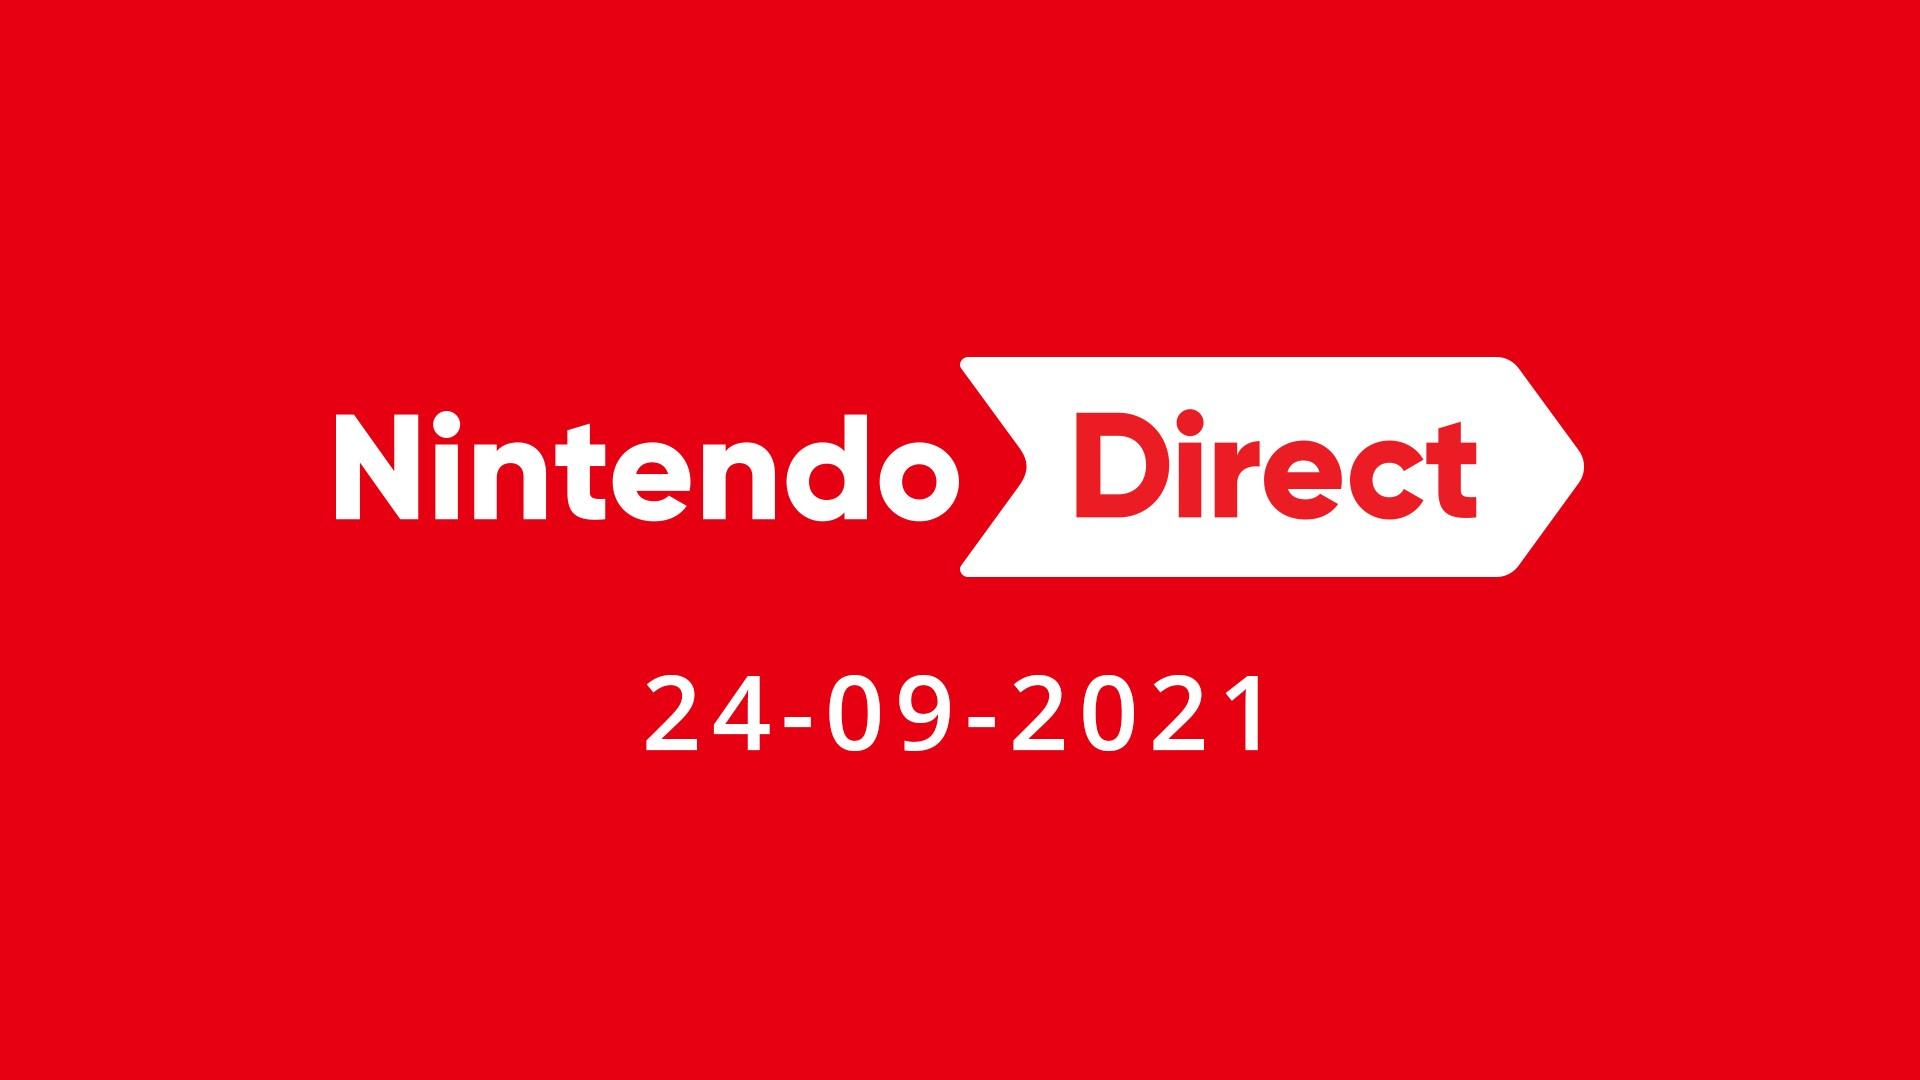 El 24 de septiembre a las 00:00 horas se emitirá un nuevo Nintendo Direct